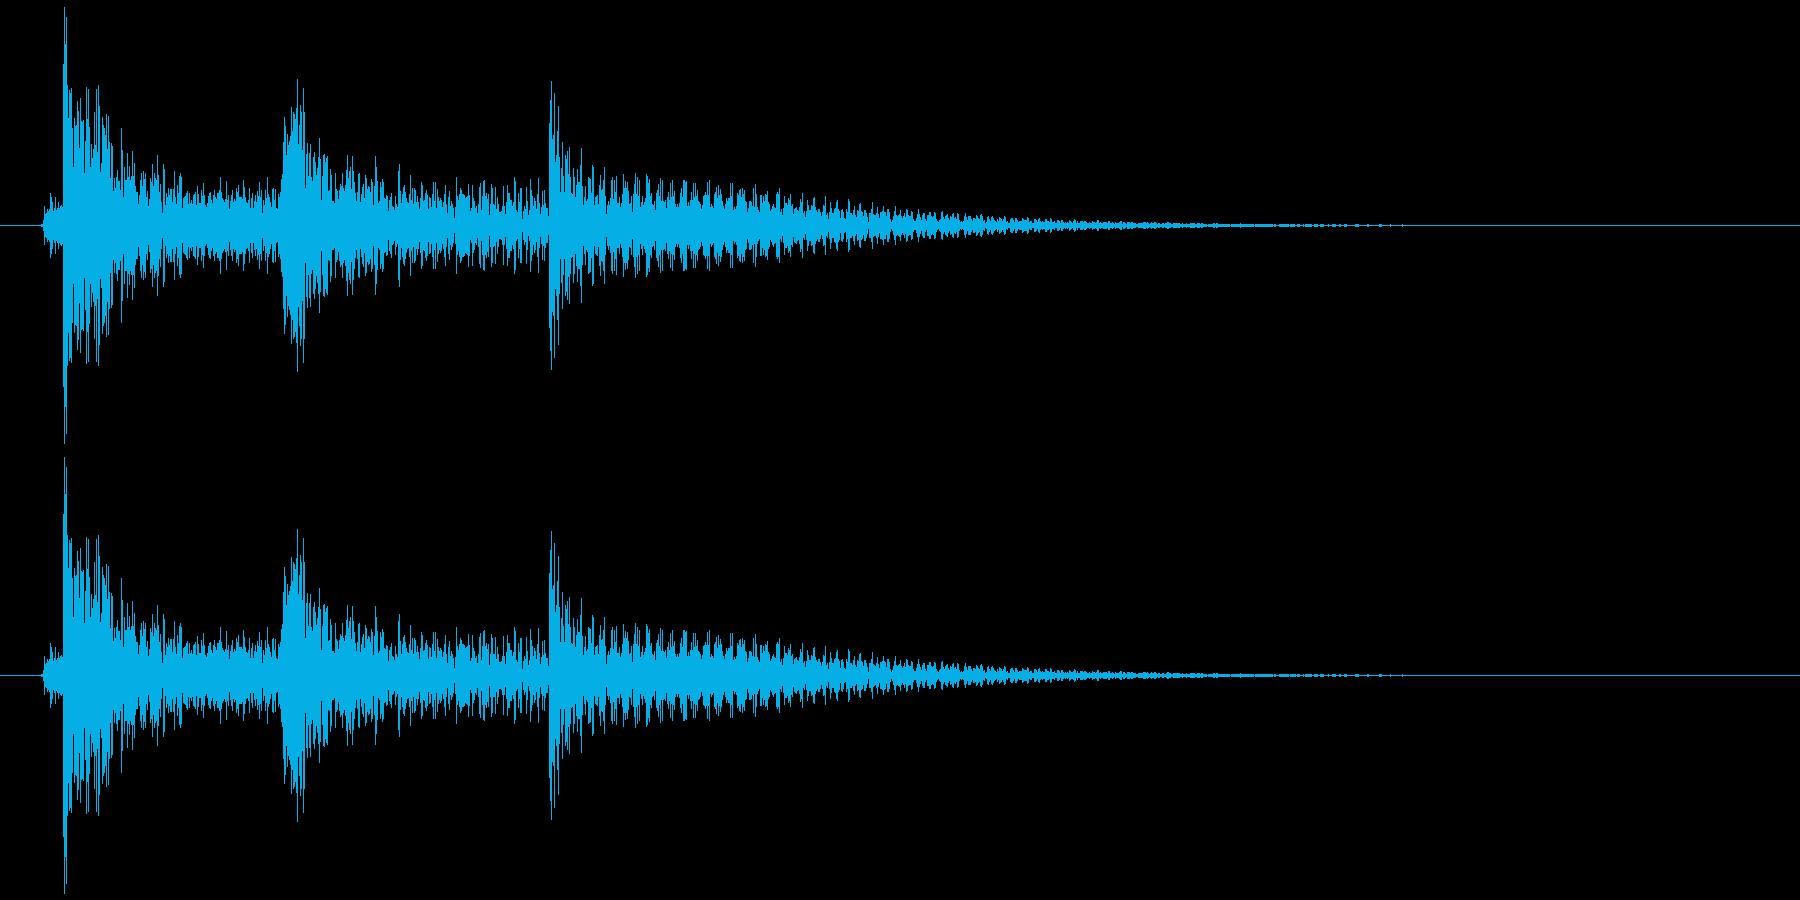 沖縄風エラー音2の再生済みの波形